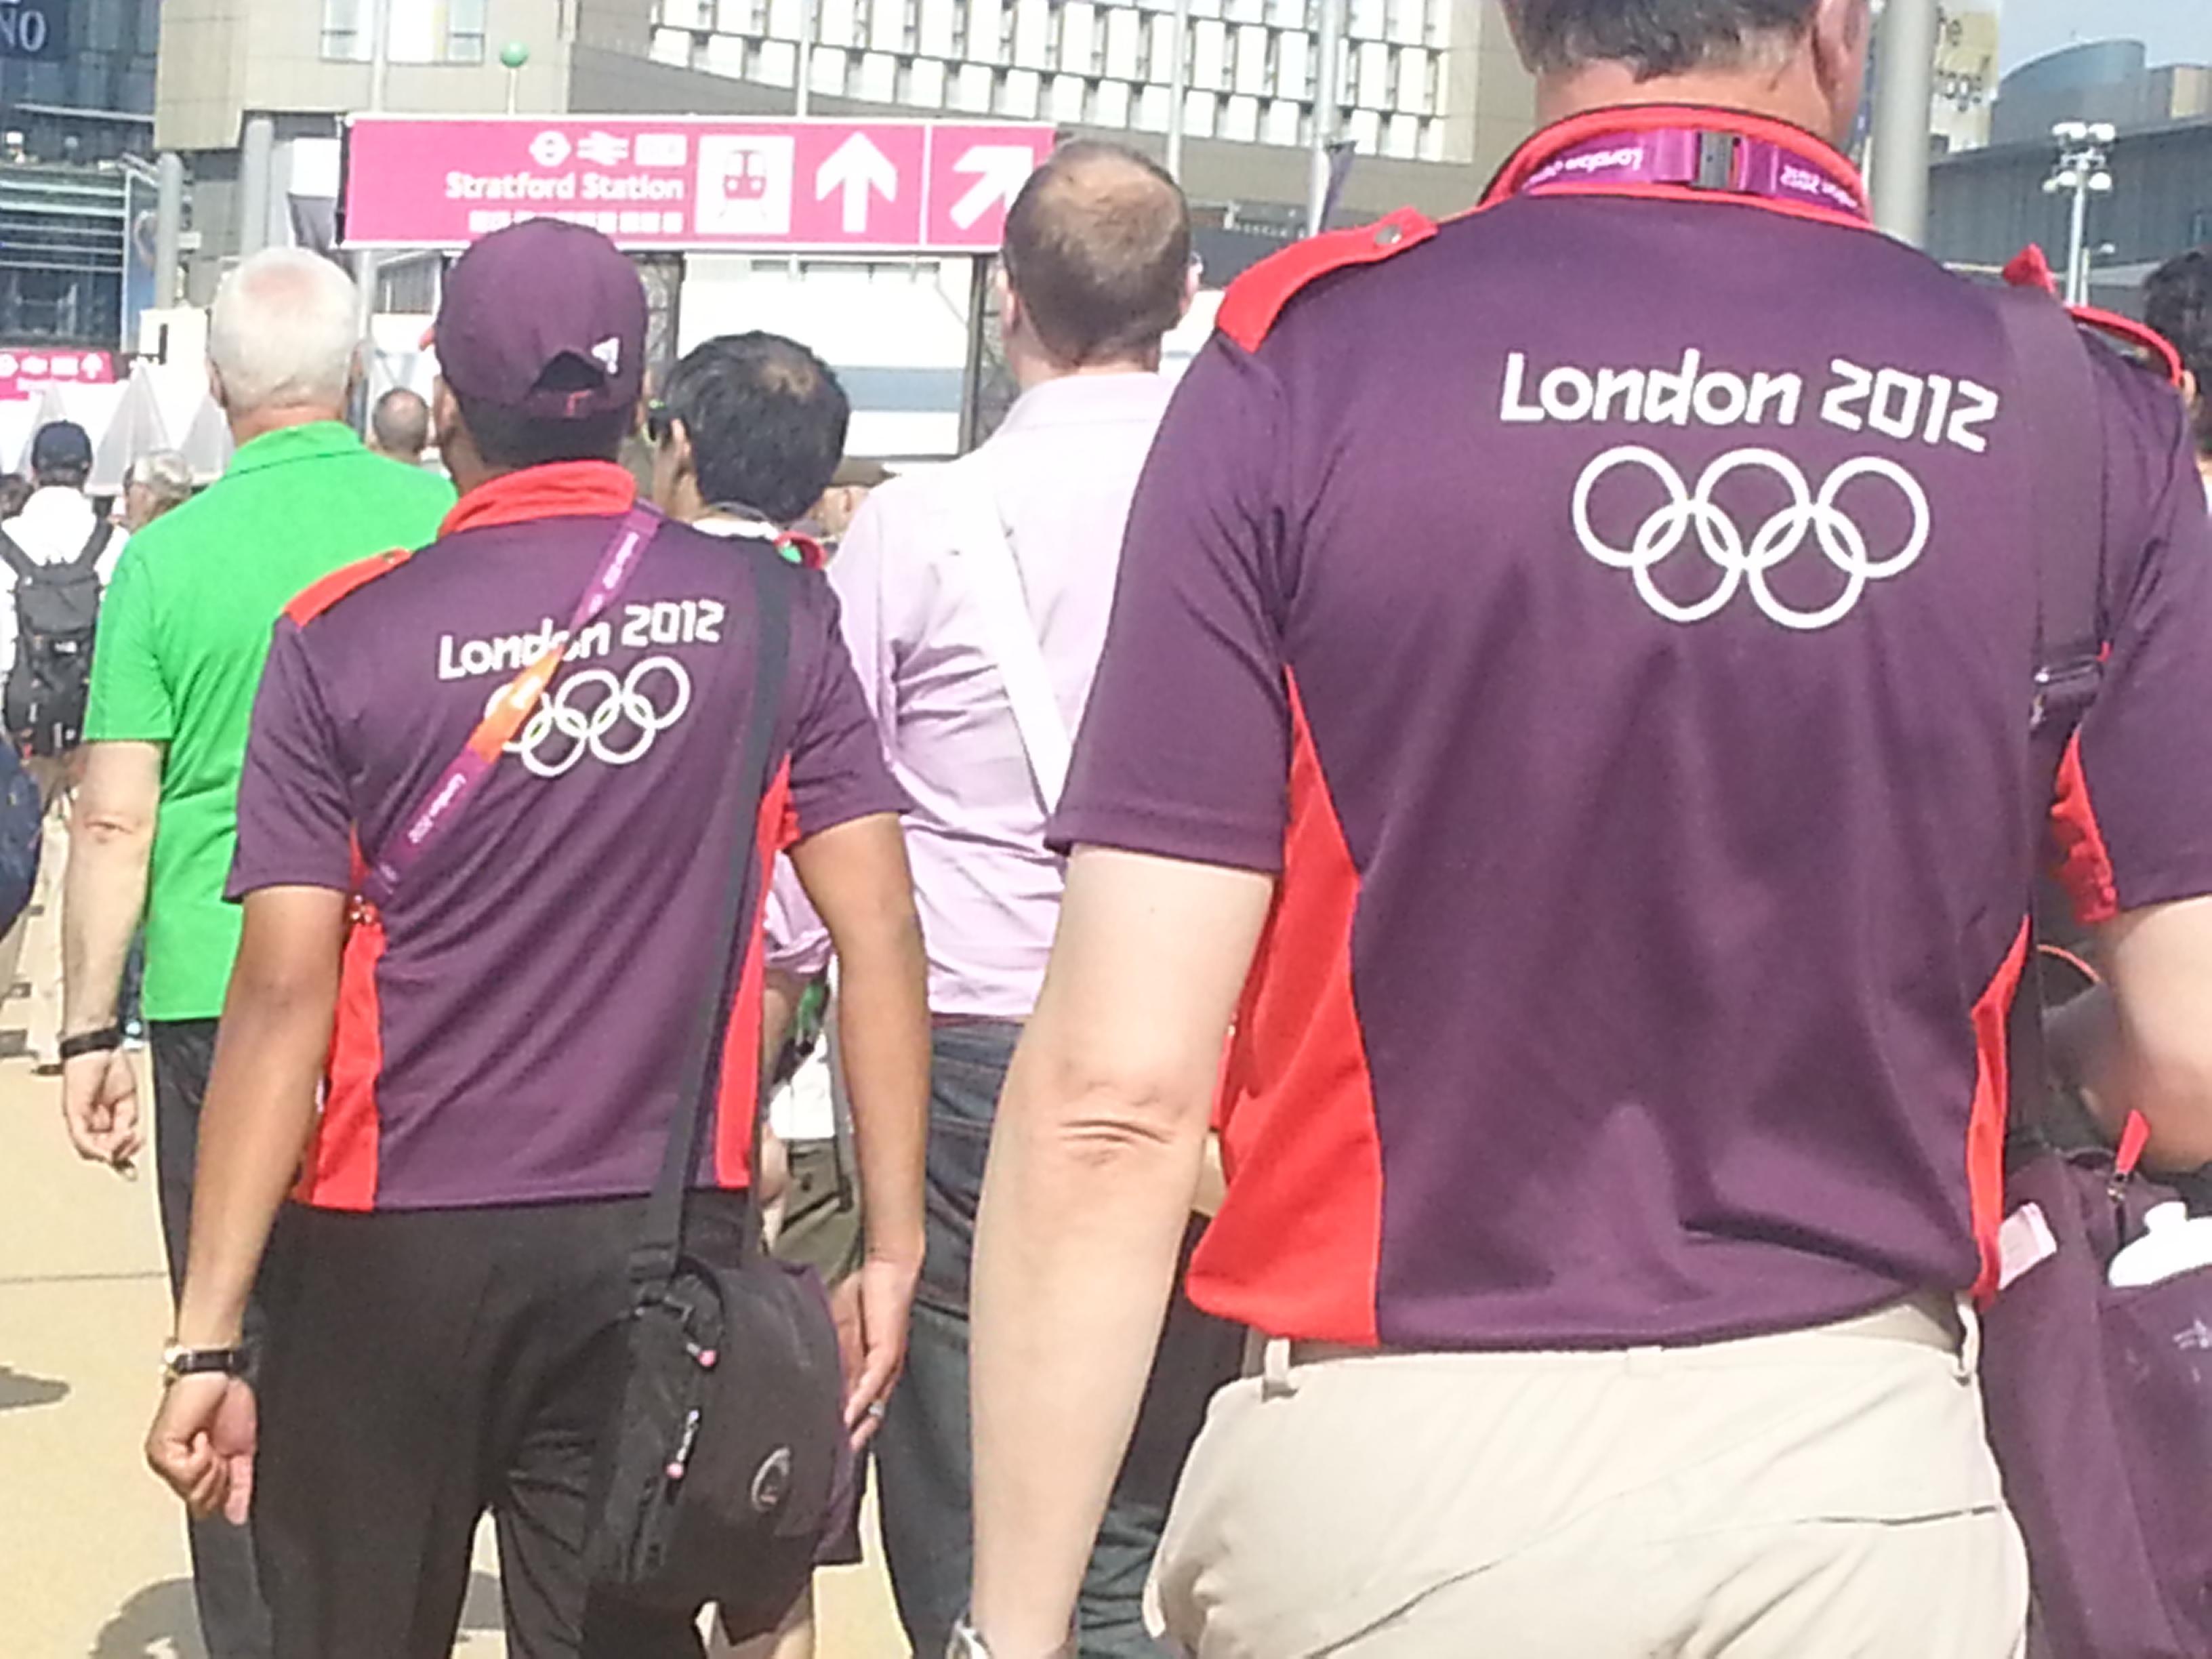 London 2012, I dig you!